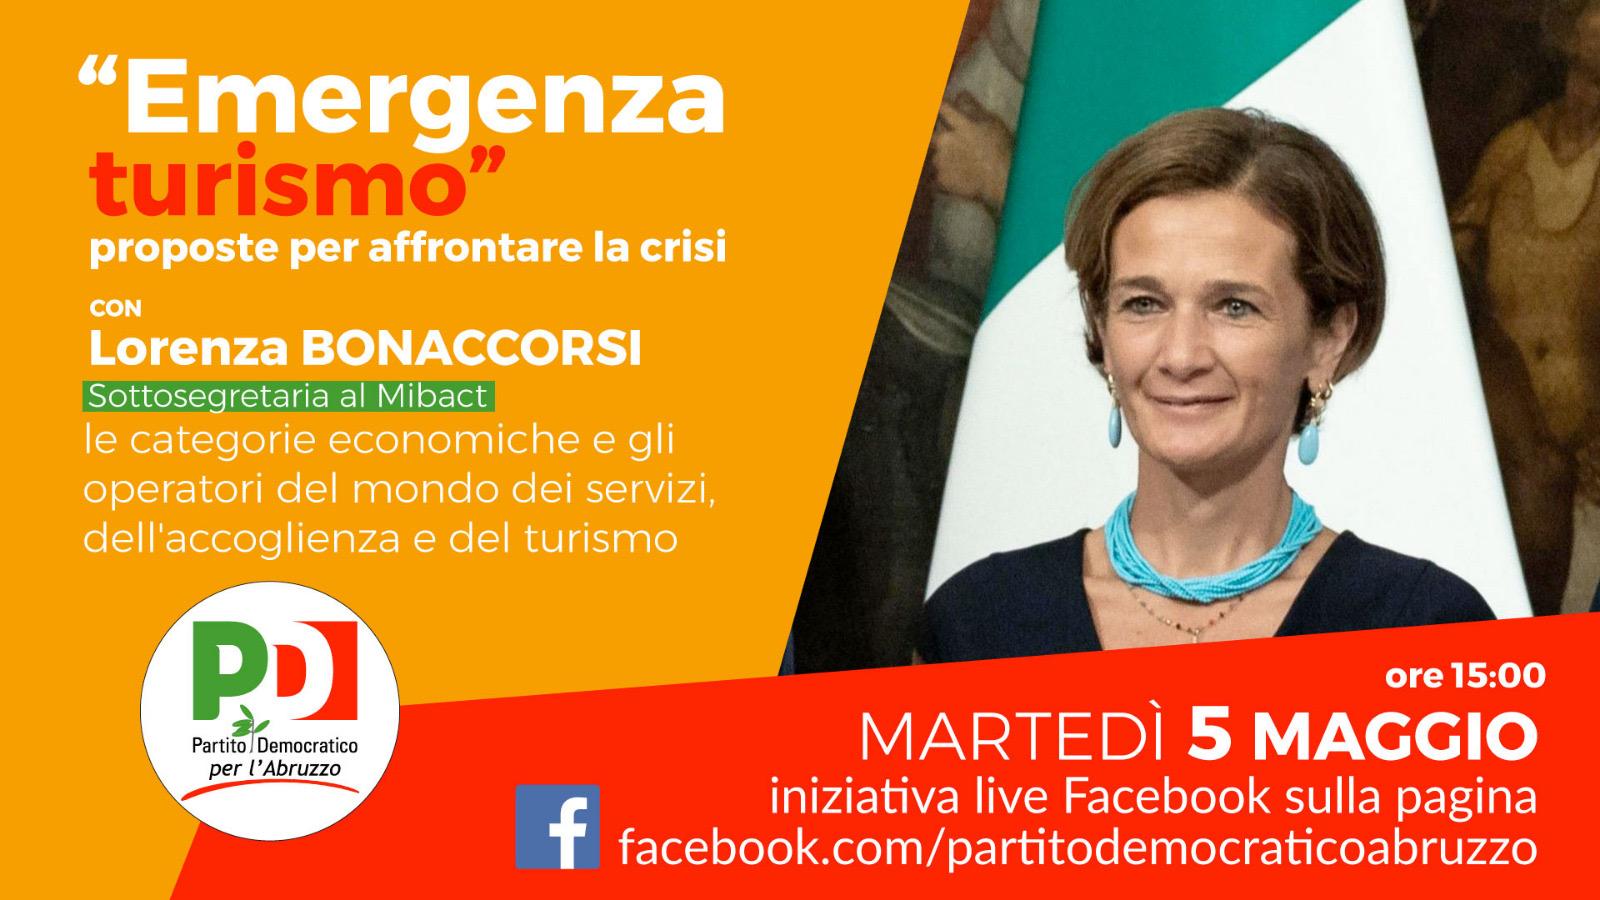 Emergenza turismo: il 5 maggio il PD Abruzzo incontra la sottosegretaria Bonaccorsi